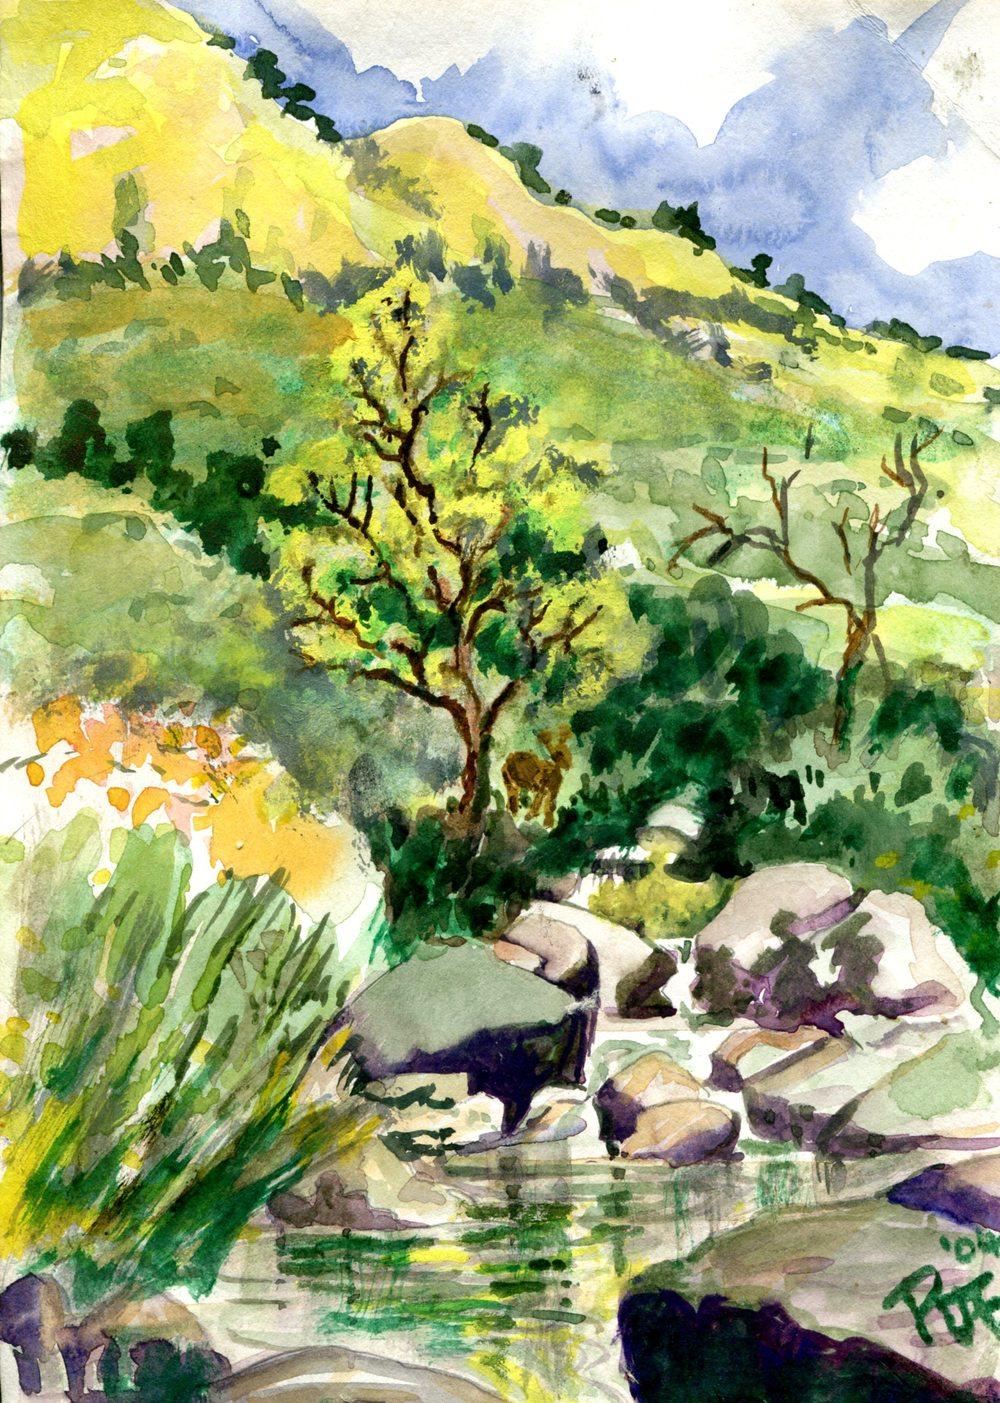 Fairlamb, Ruth  40a  Mountain Stream, Water-colour.